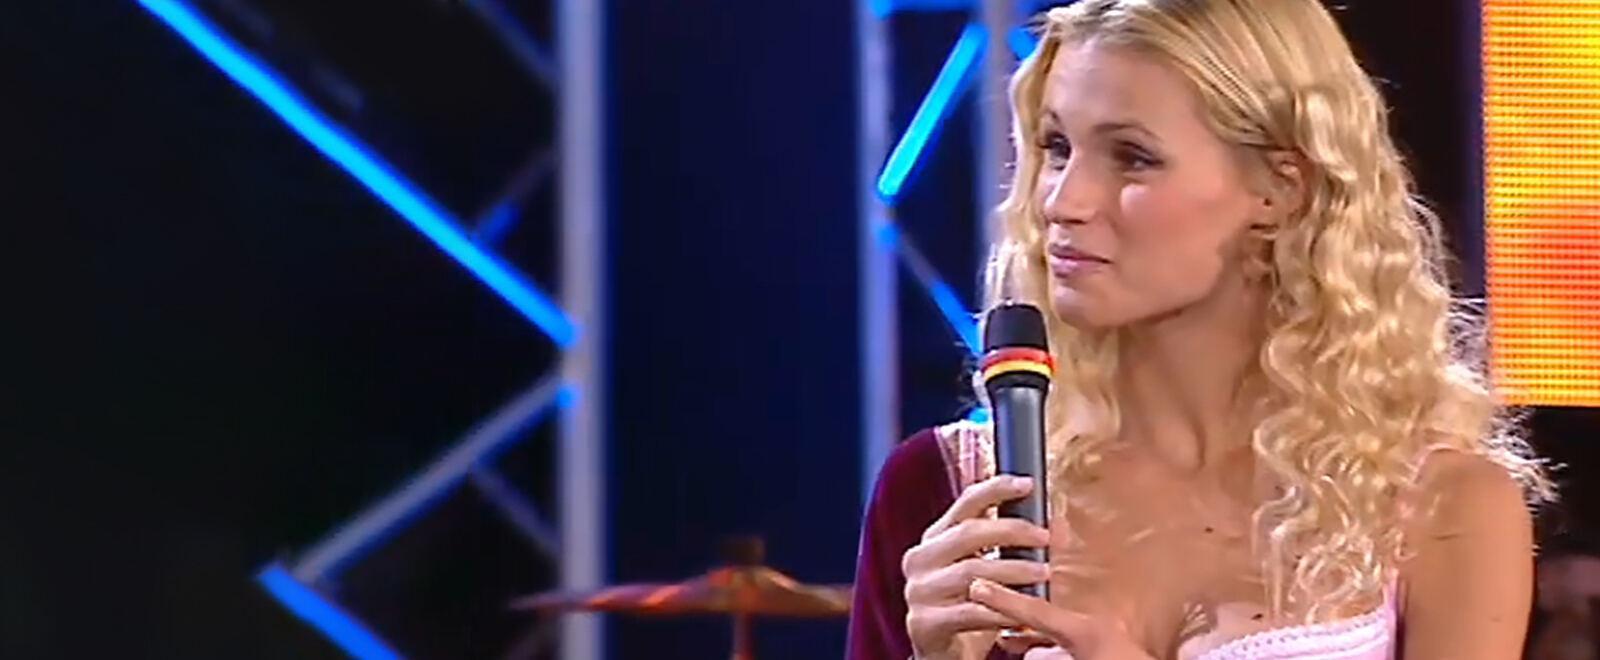 Festivalbar '03.